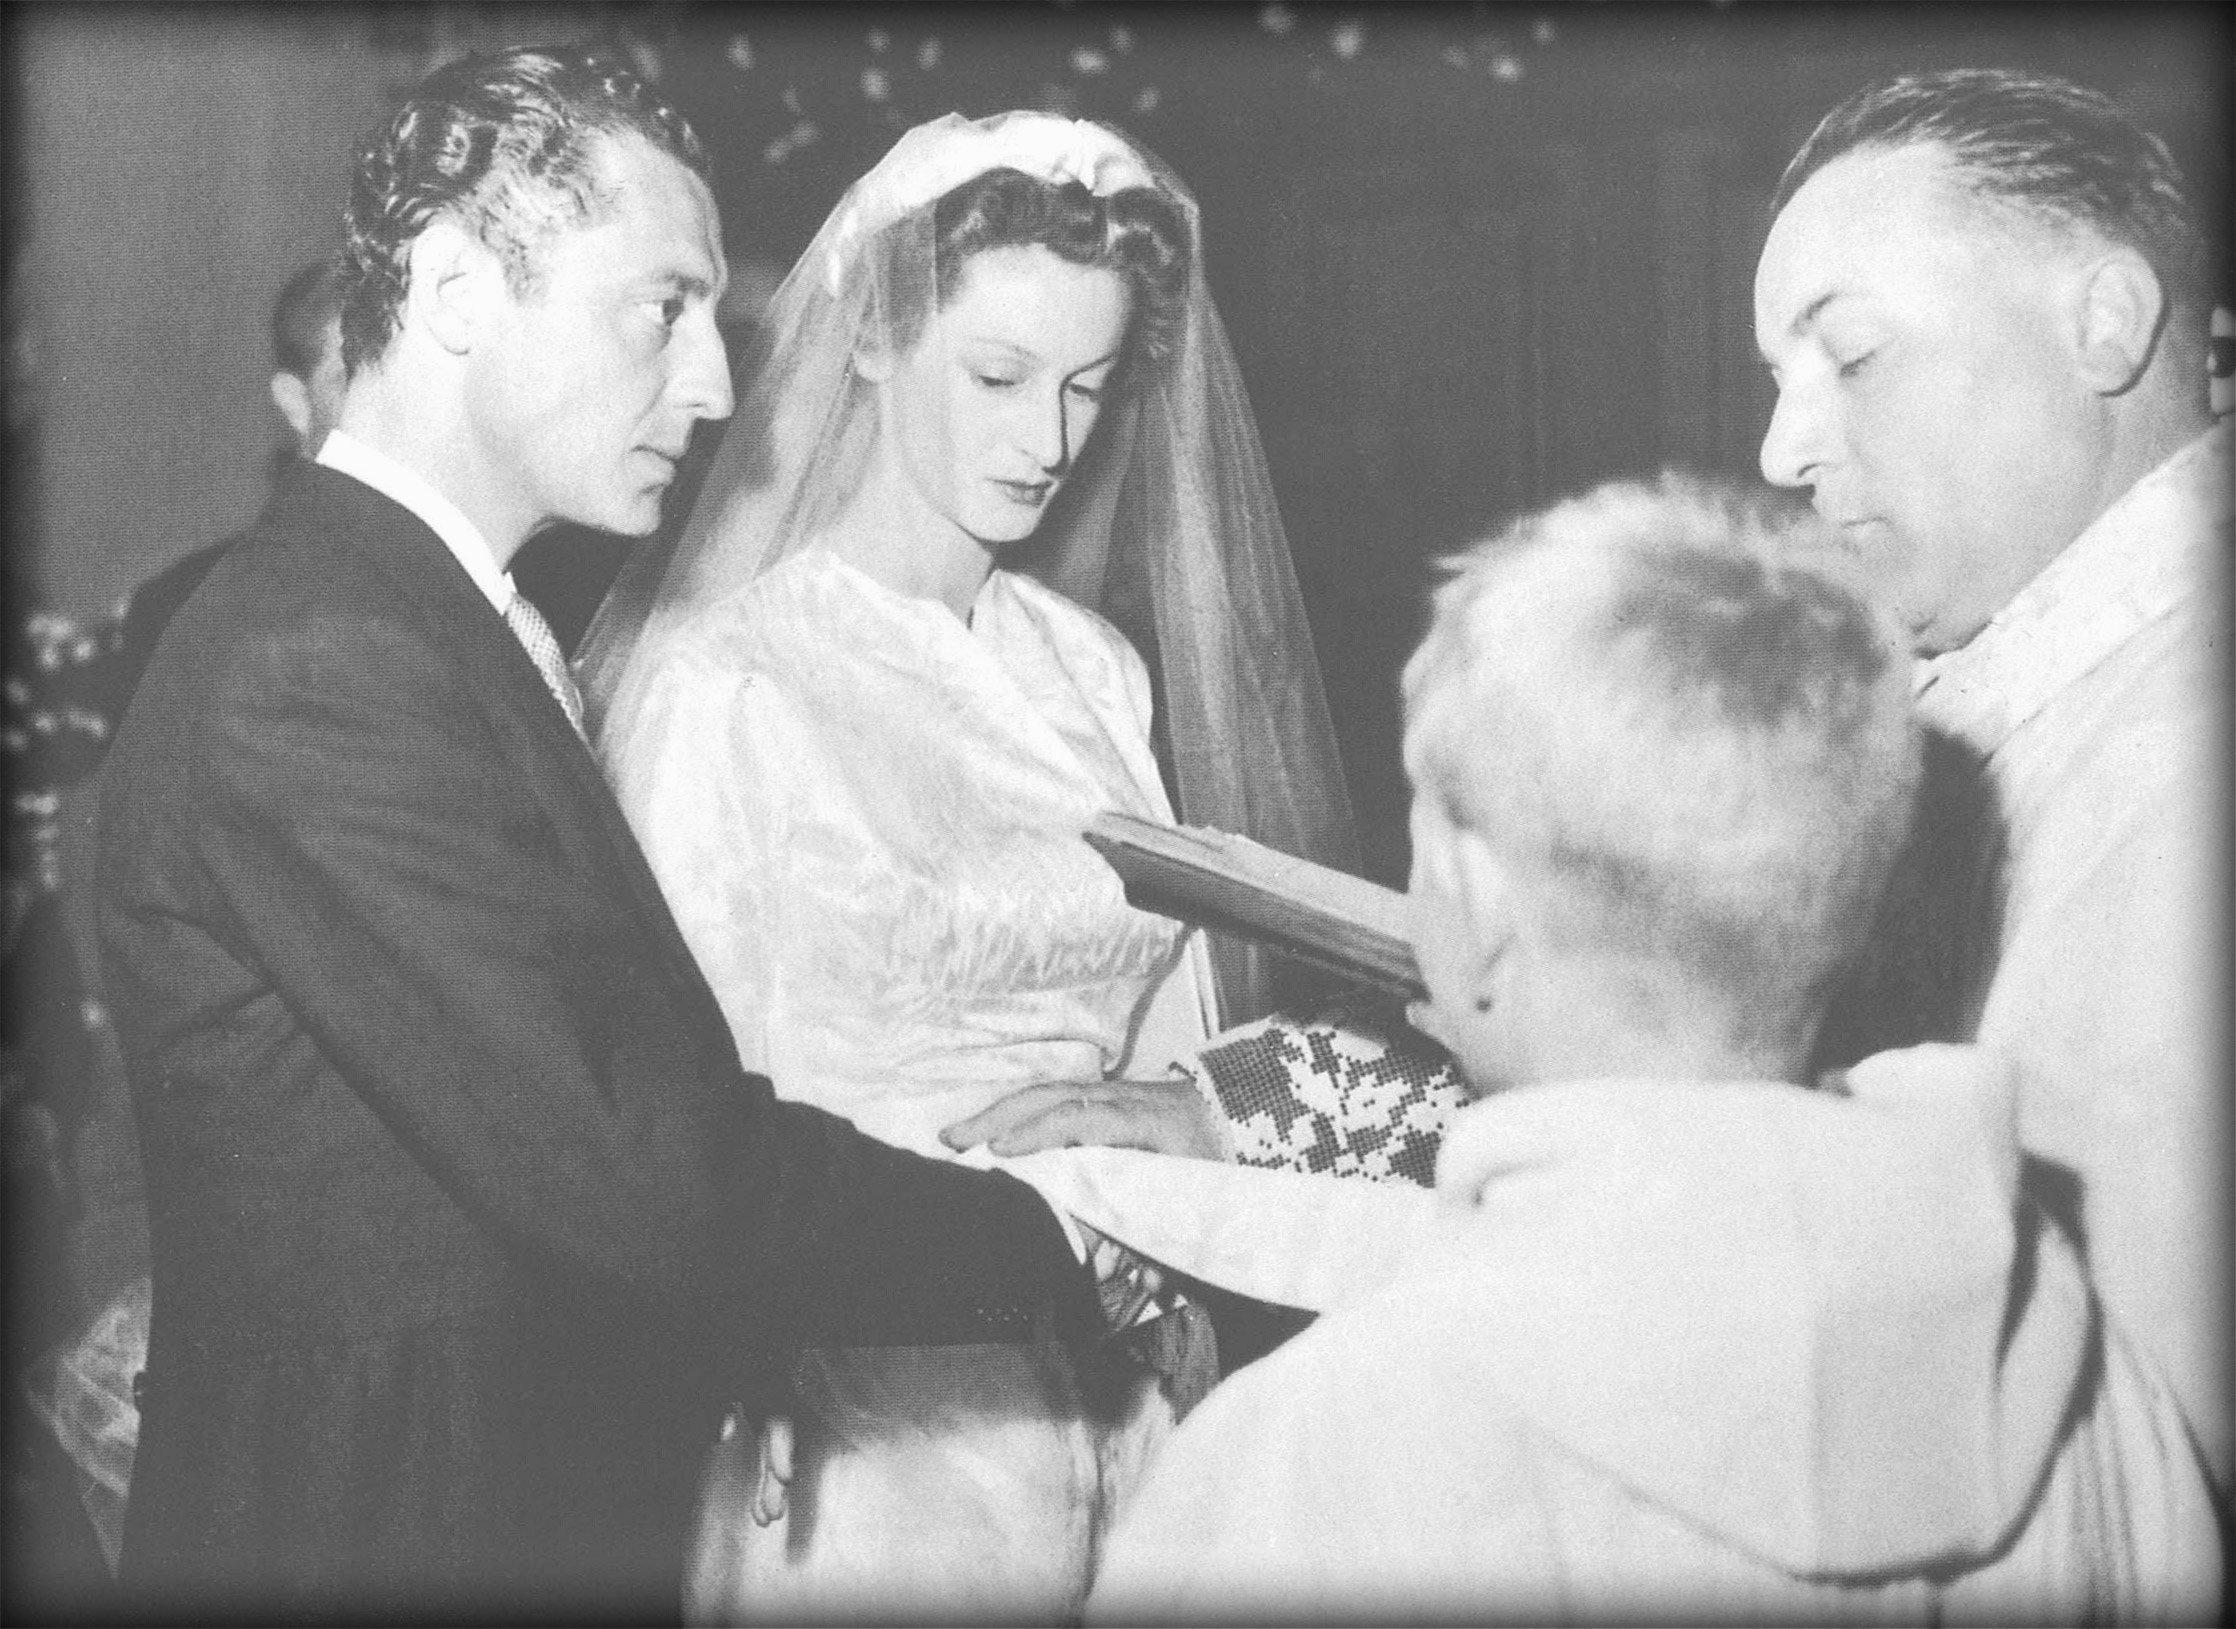 Gianni e Marella Agnelli nel giorno delle nozze, celebrate nel castello di Osthoffen a Strasburgo nel 1953